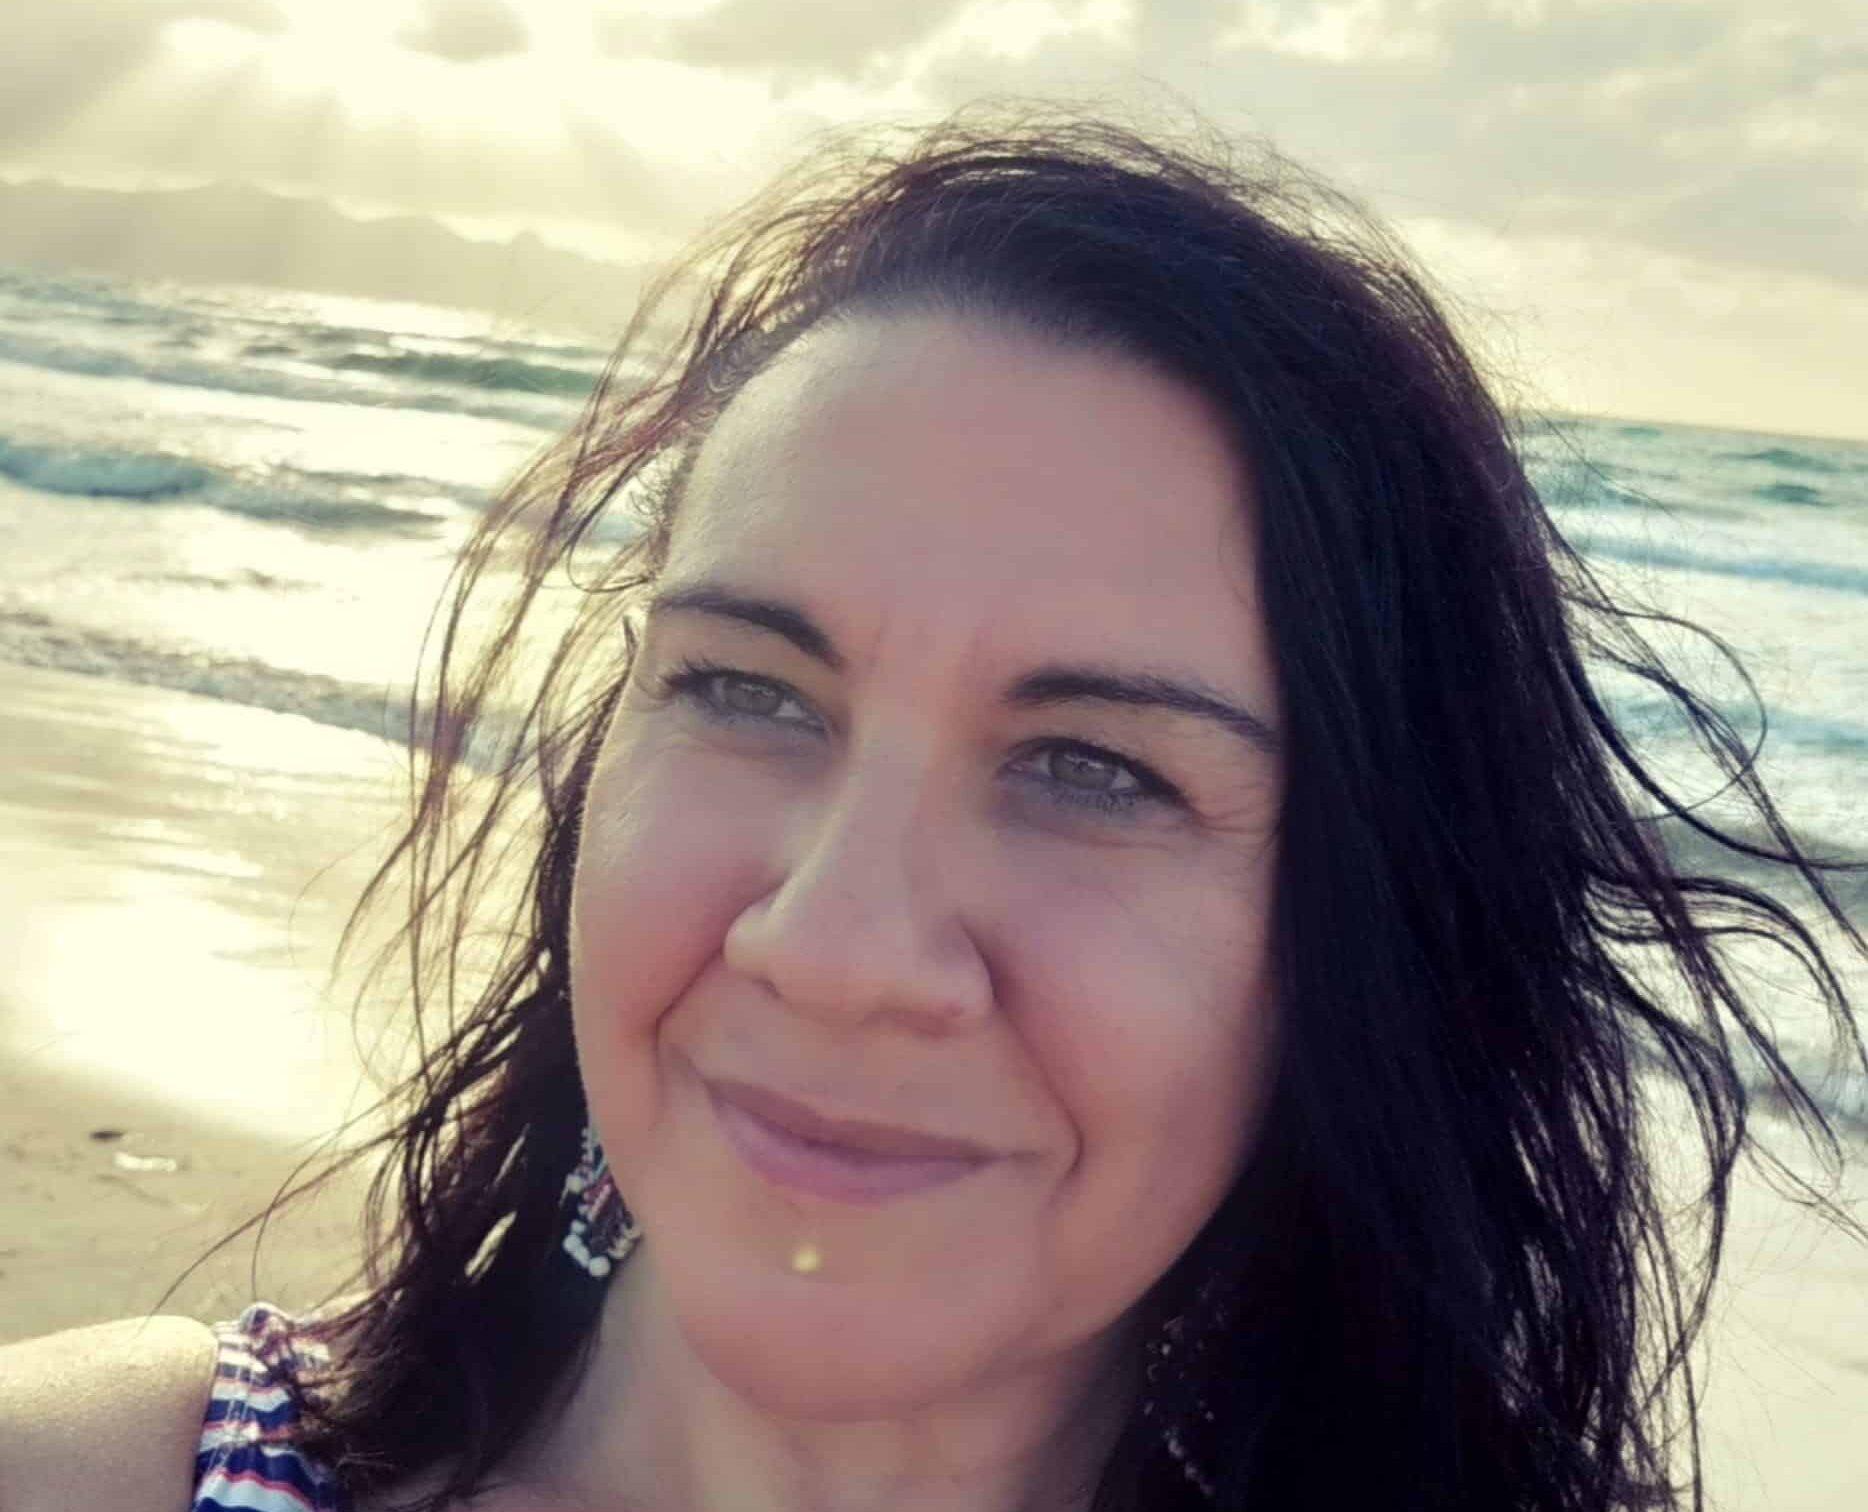 Il vaccino, il malore, il ricovero e il decesso: è morta al Policlinico l'insegnante Cinzia Pennino